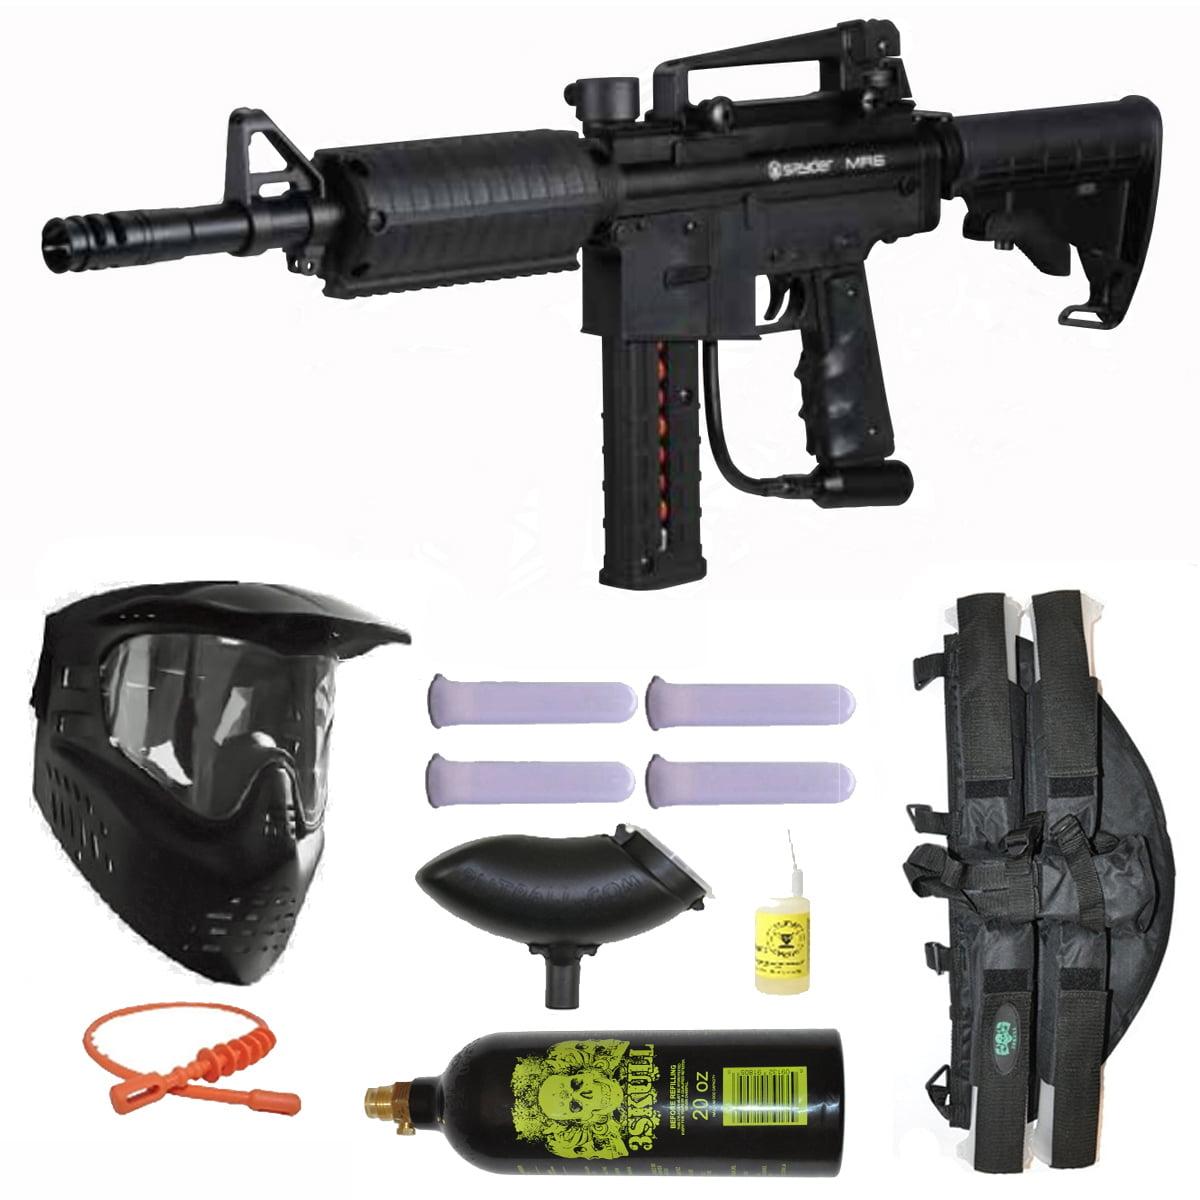 Spyder MR6 Paintball Marker Gun Magazine Fed 3Skull 4+1 Mega Set Black by